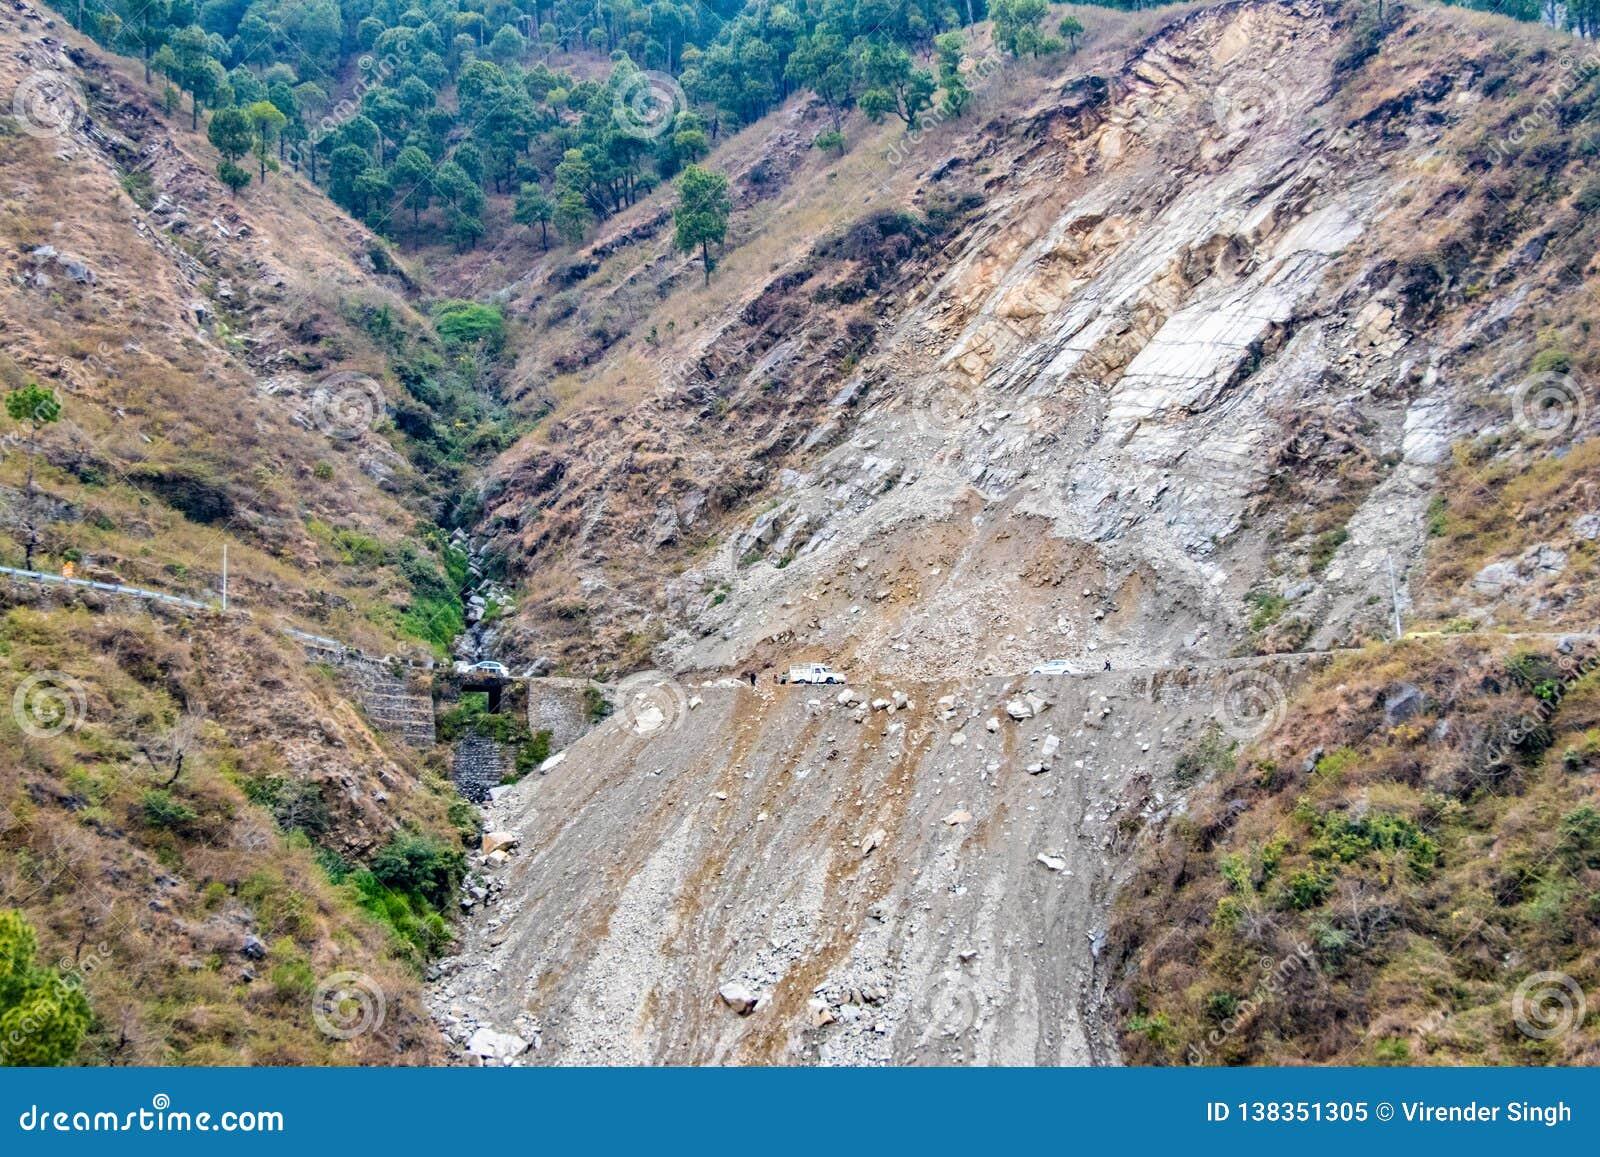 Jordskred och rockfalls på vägen i bergen